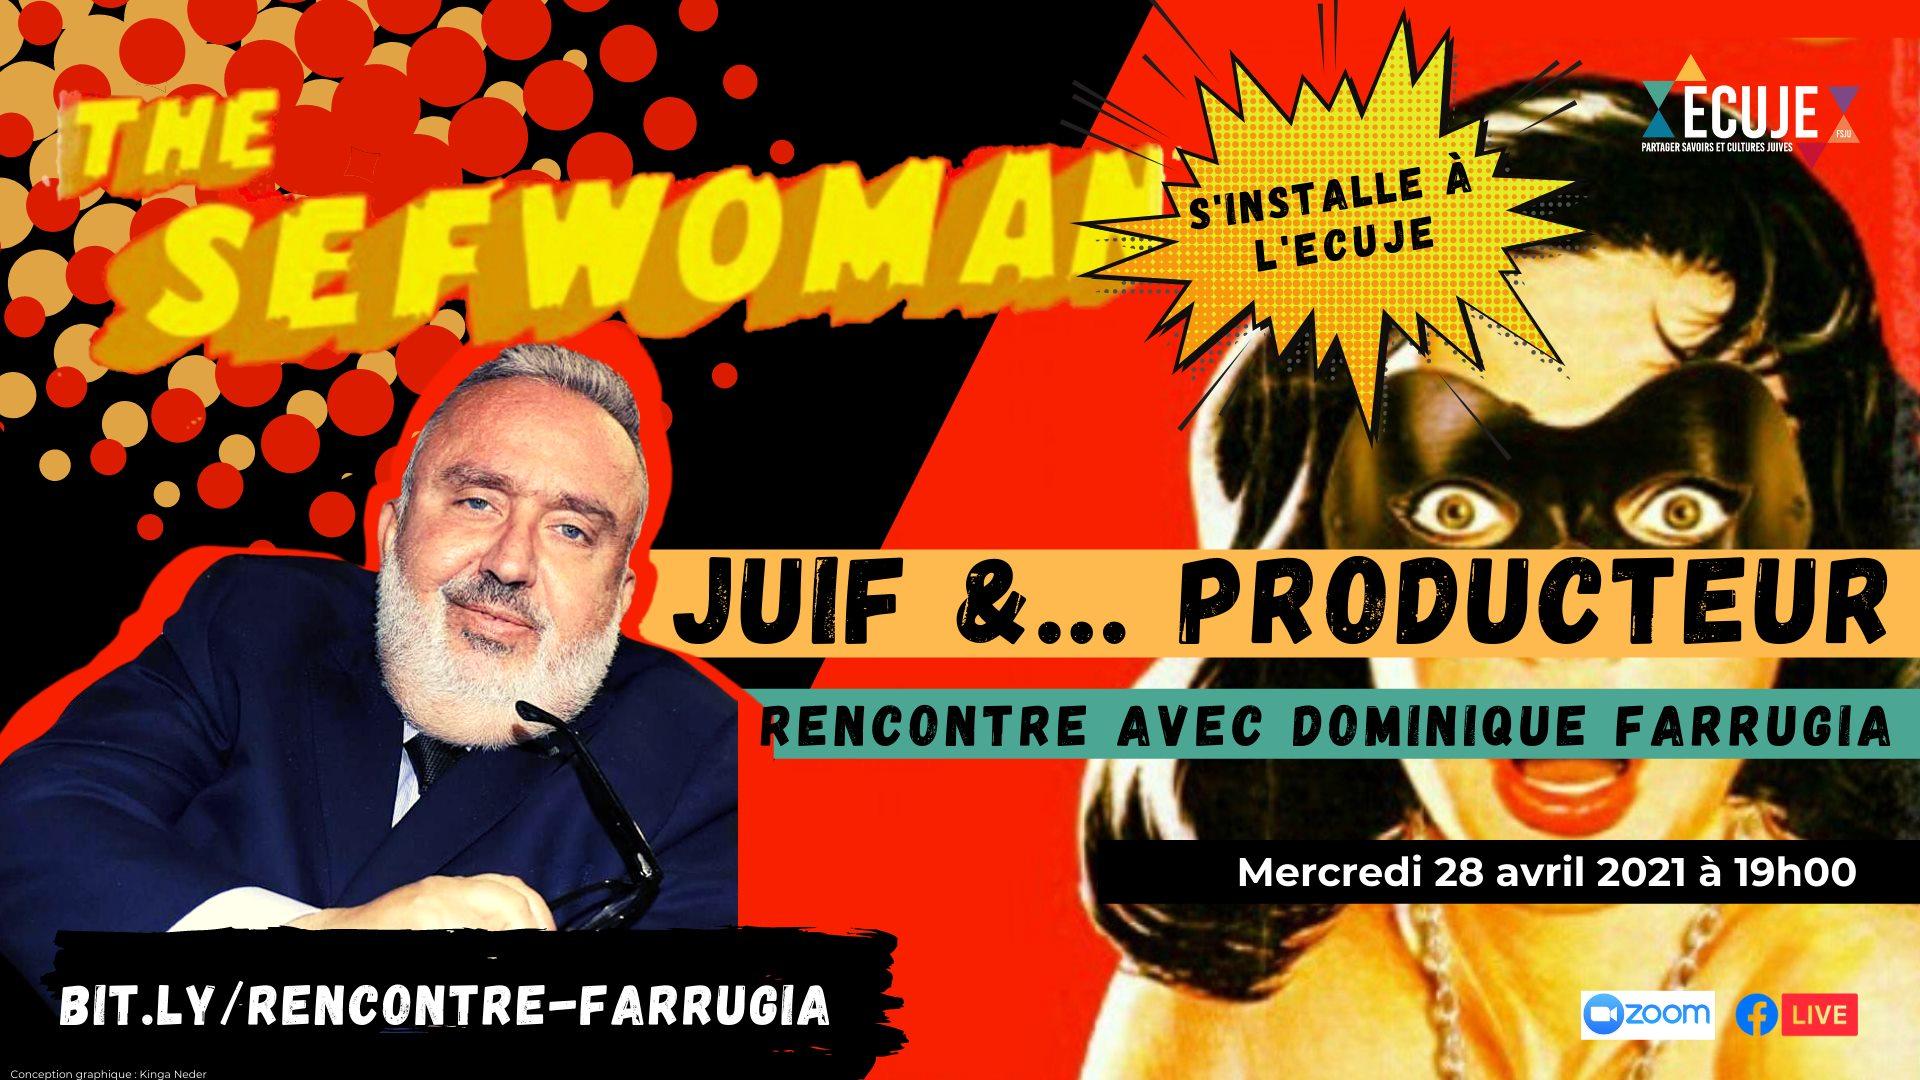 Juif et ... producteur: rencontre avec Dominique Farrugia